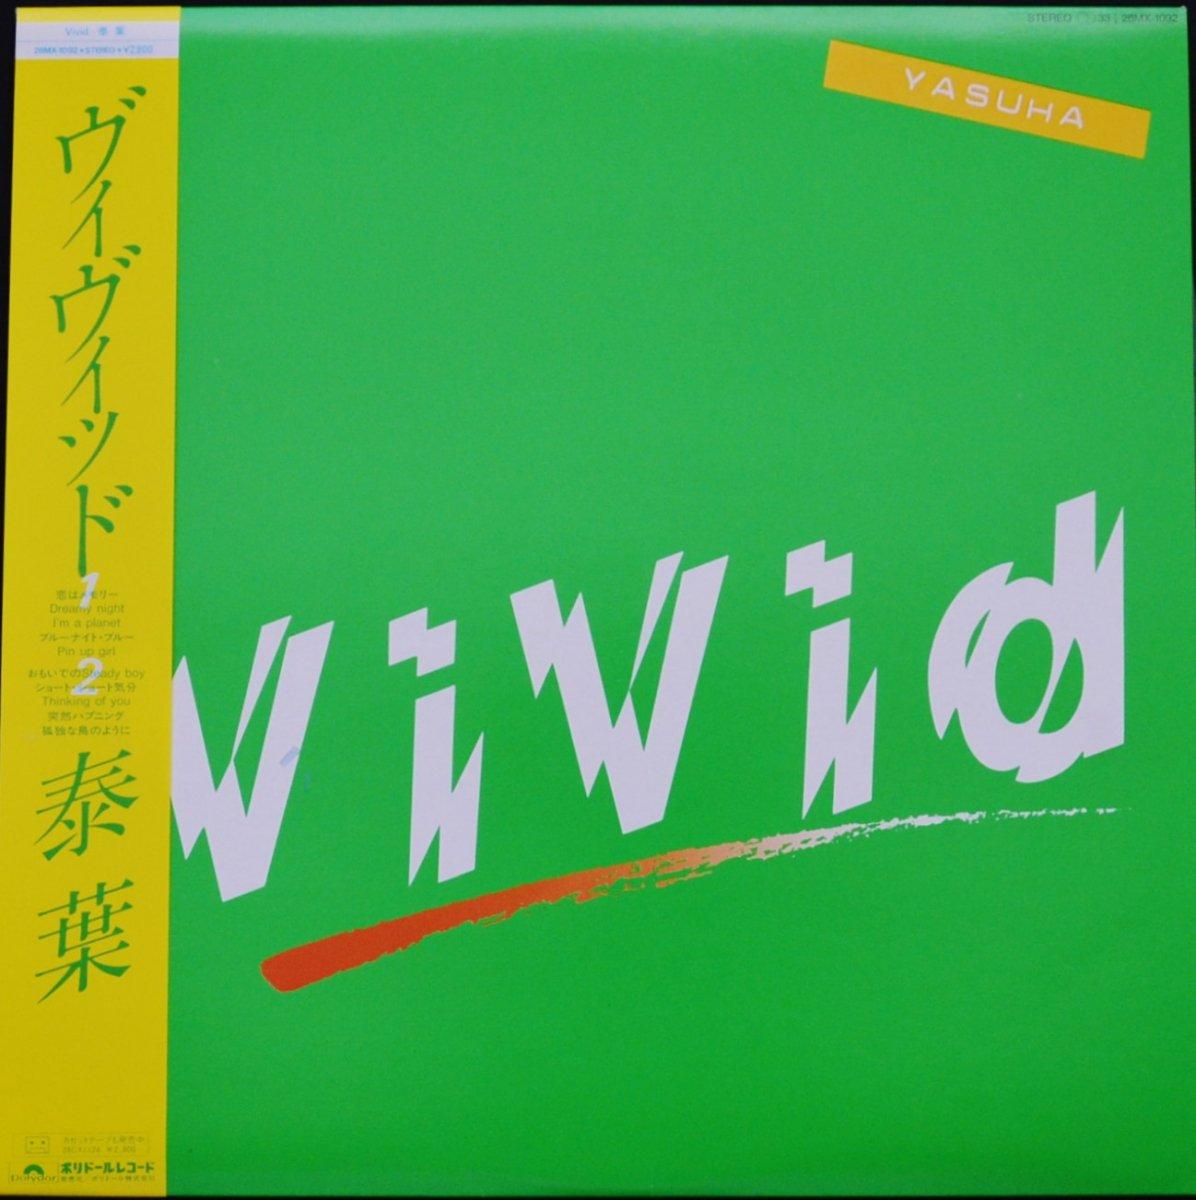 泰葉 YASUHA / ヴィヴィッド VIVID (LP)